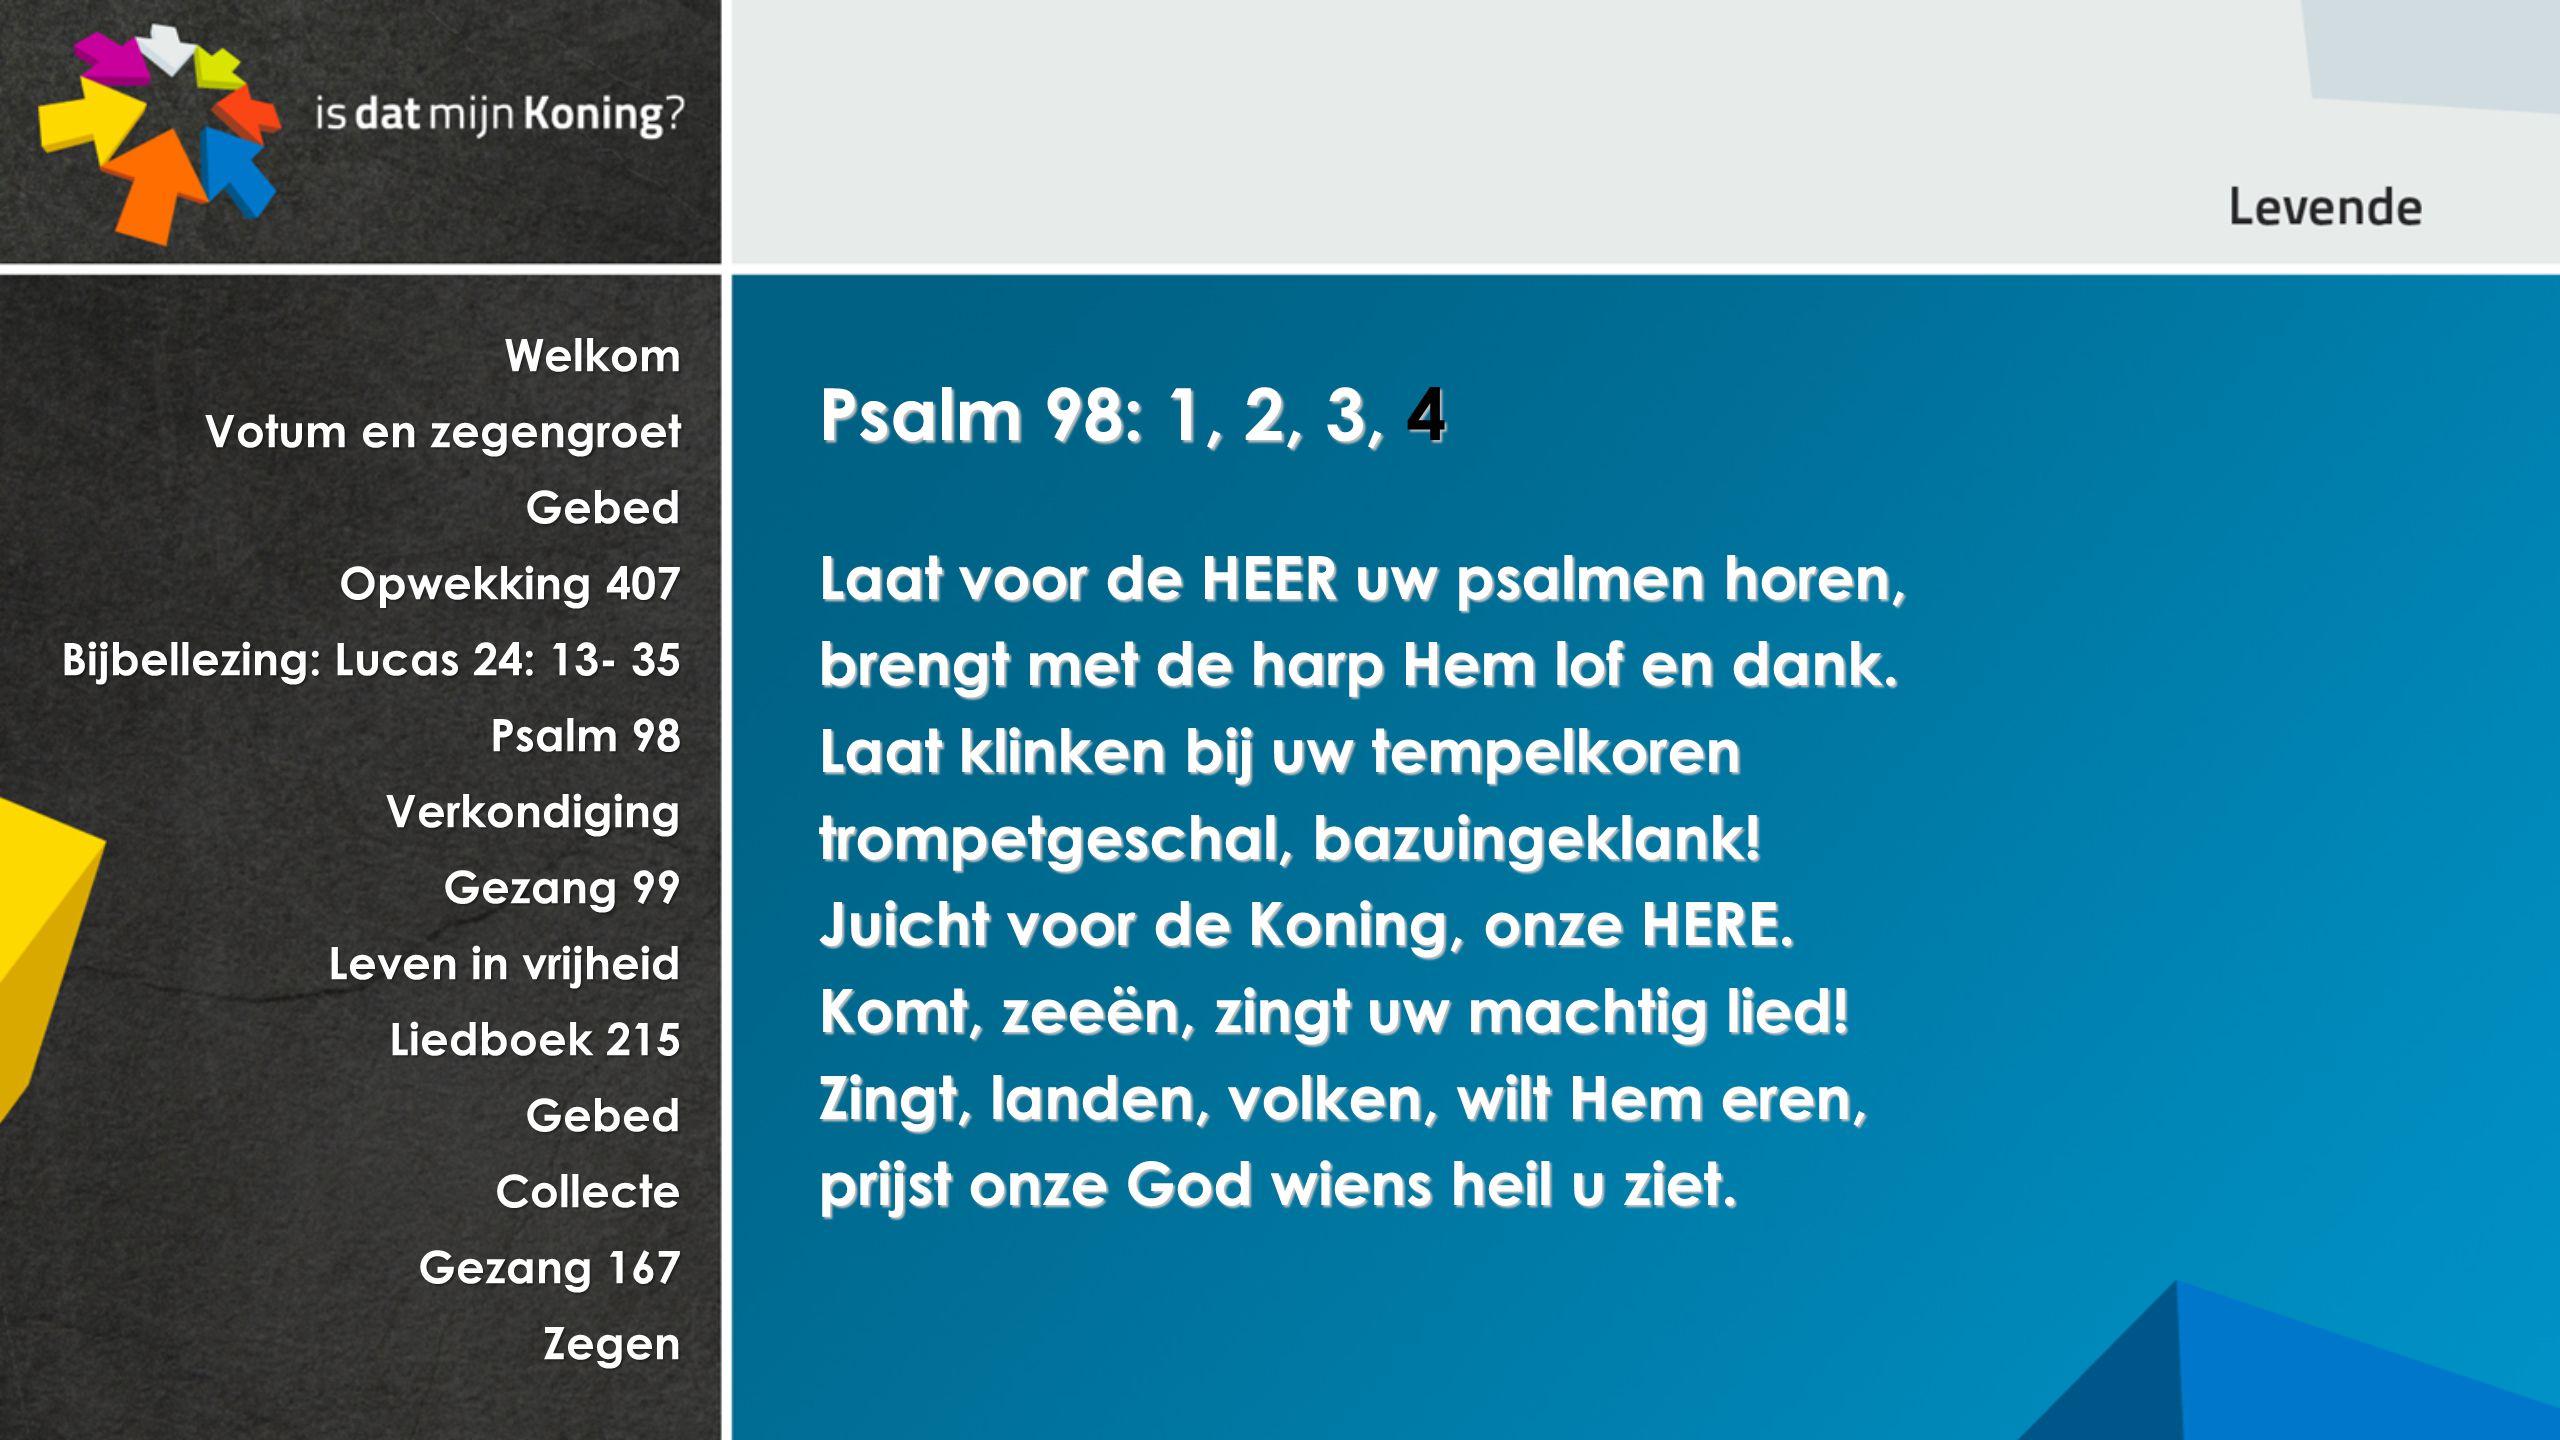 Psalm 98: 1, 2, 3, 4 Laat voor de HEER uw psalmen horen,